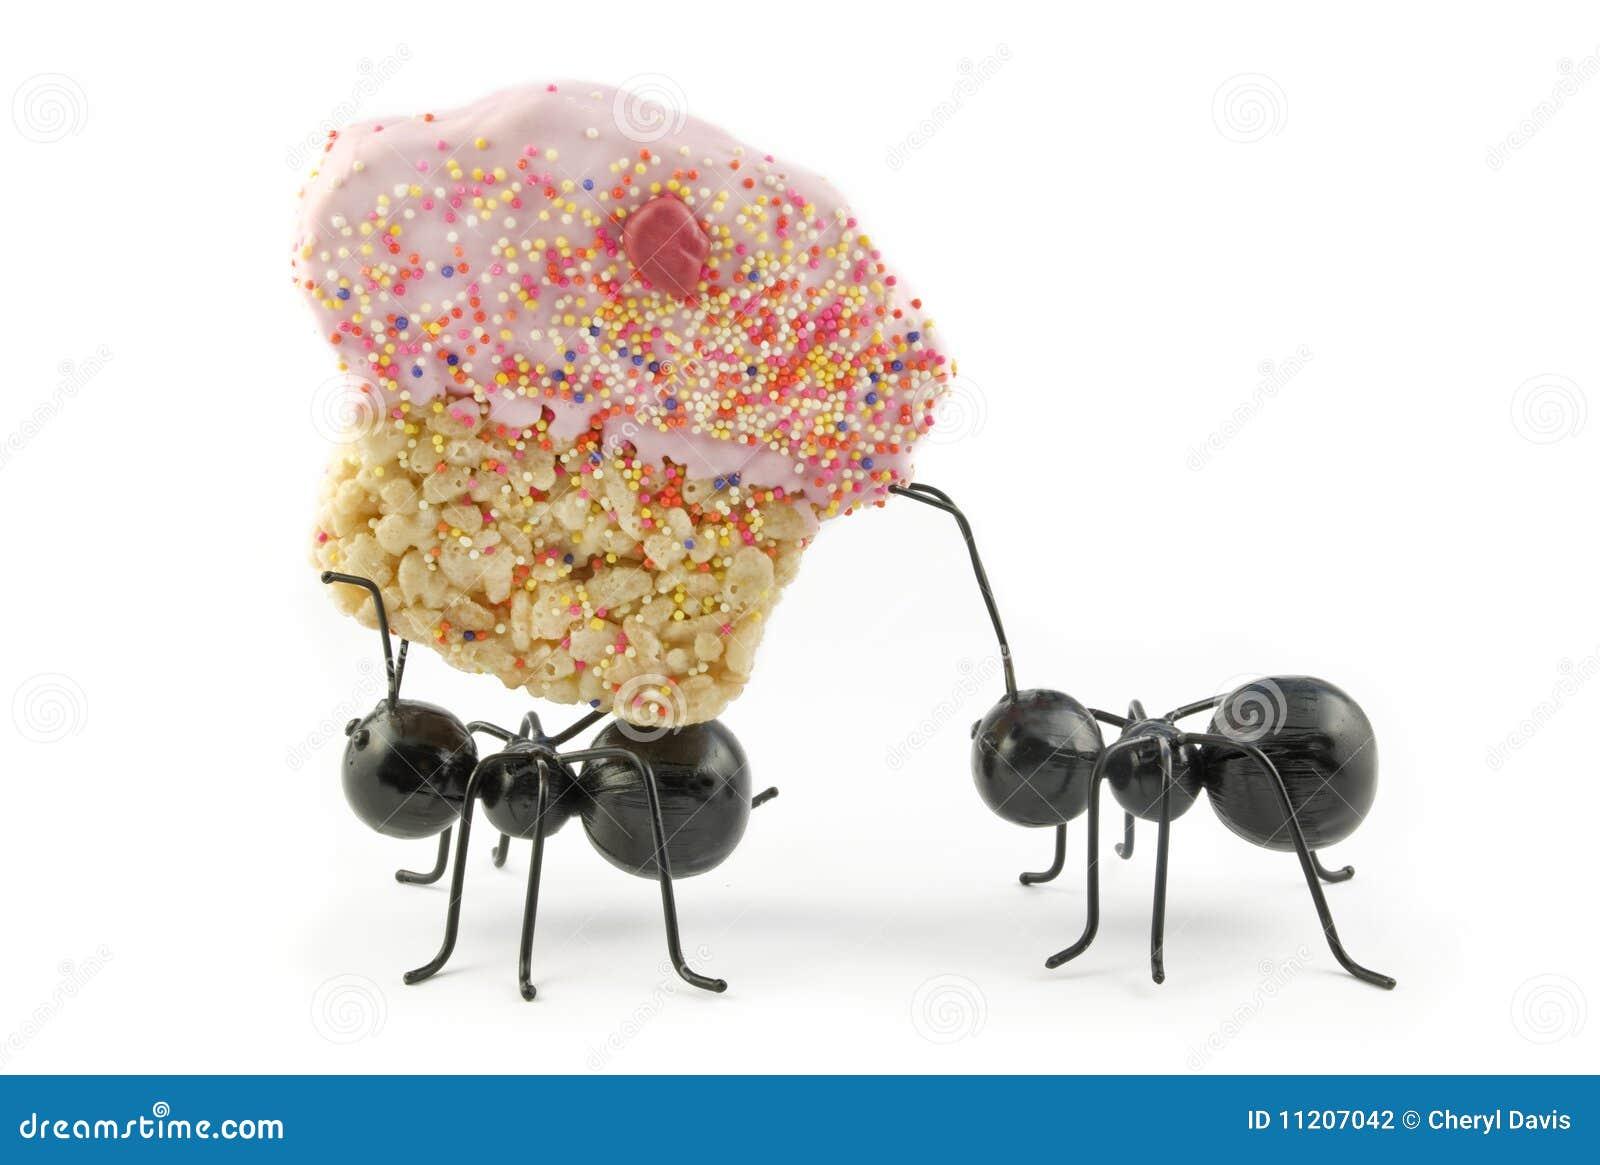 emejing hausmittel gegen ameisen in der küche images - house